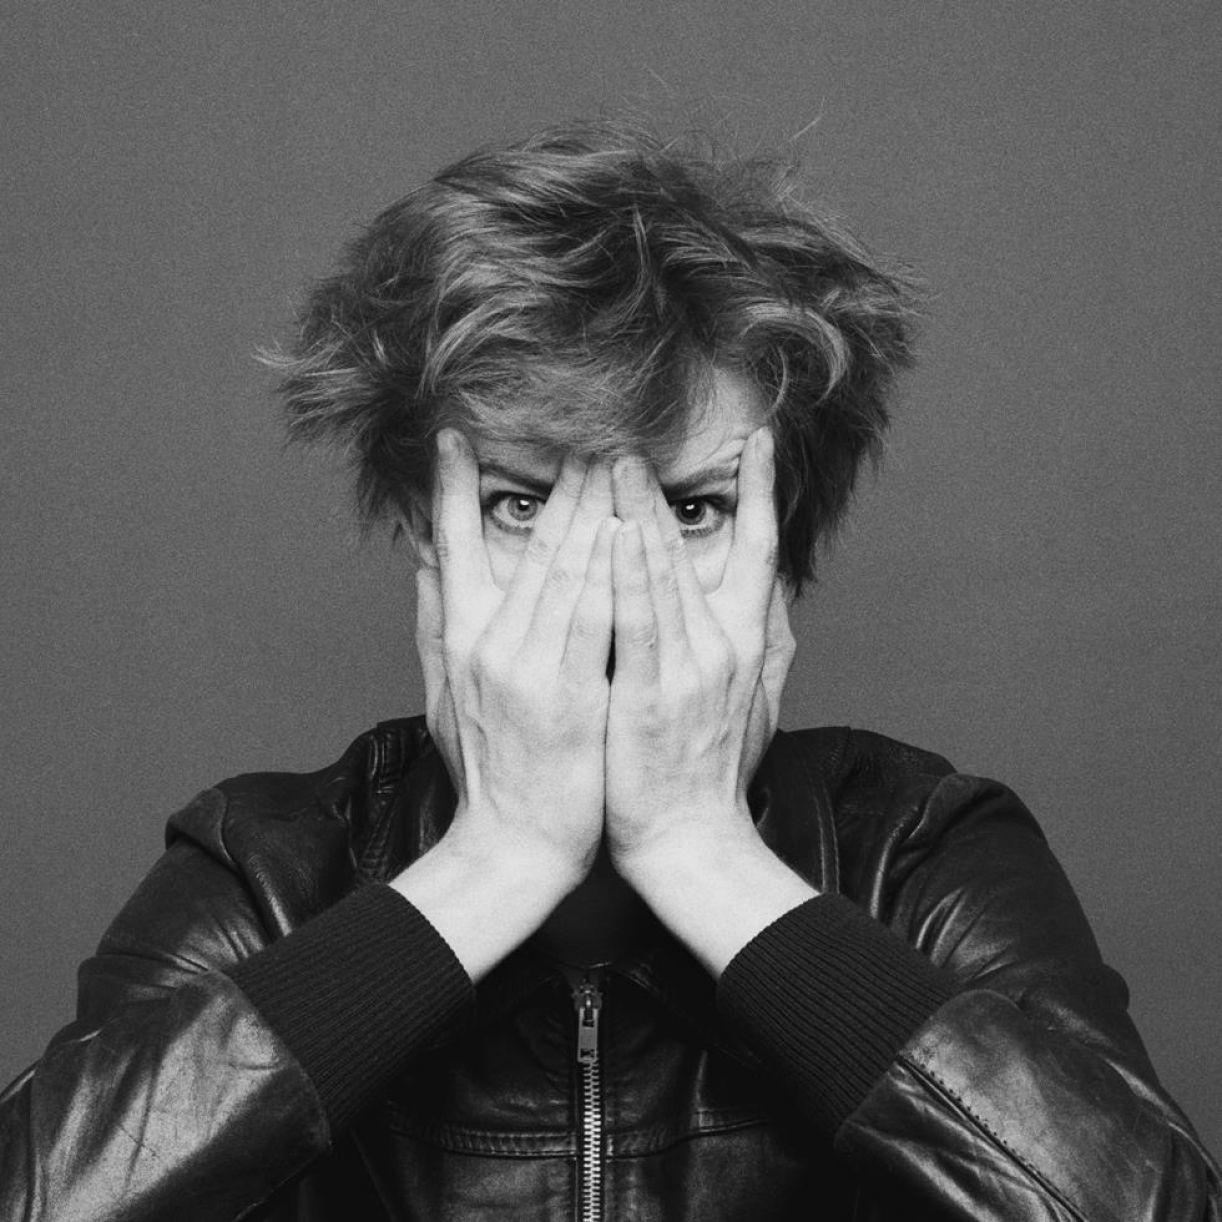 No álbum produzido em Berlim, Bowie se reafirma sob o signo da reinvenção